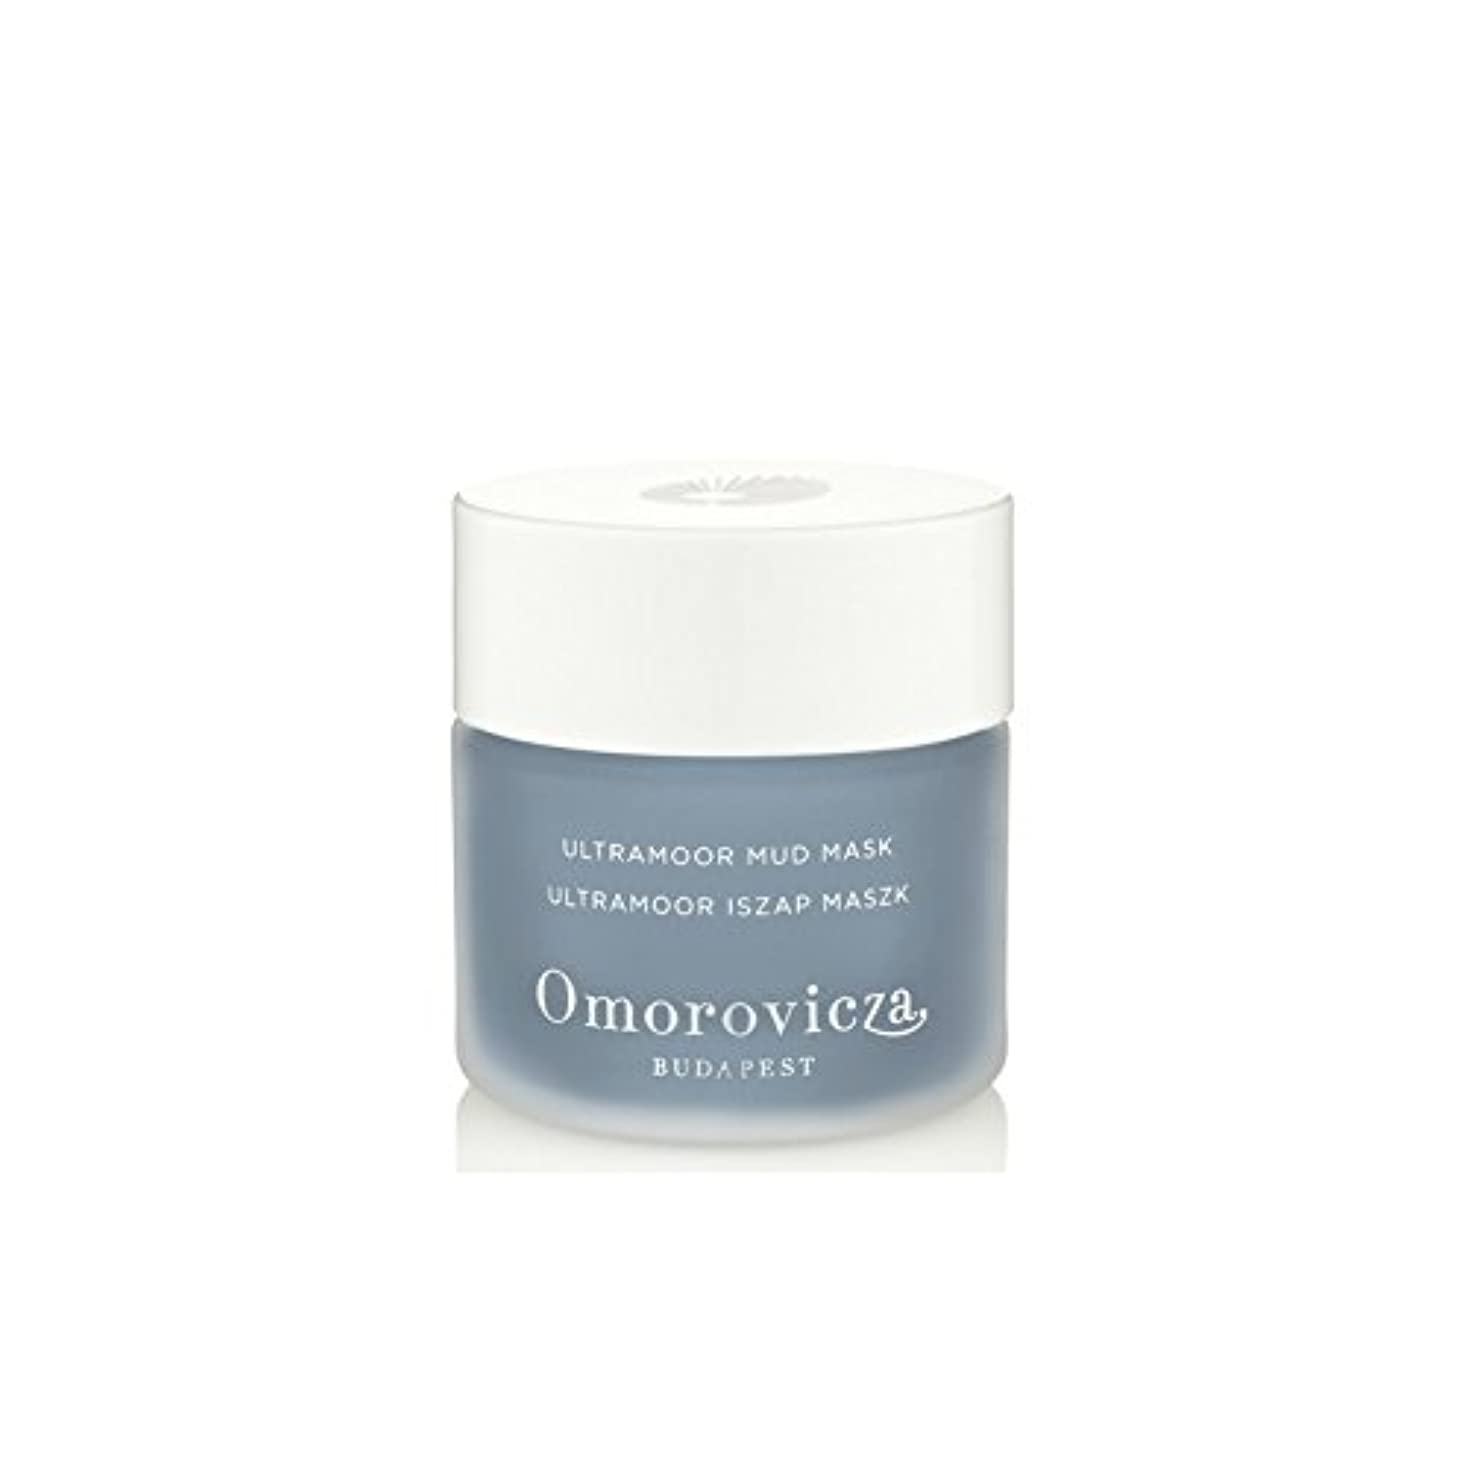 毛皮小麦粉もちろんOmorovicza Ultramoor Mud Mask (50ml) - 泥マスク(50ミリリットル) [並行輸入品]